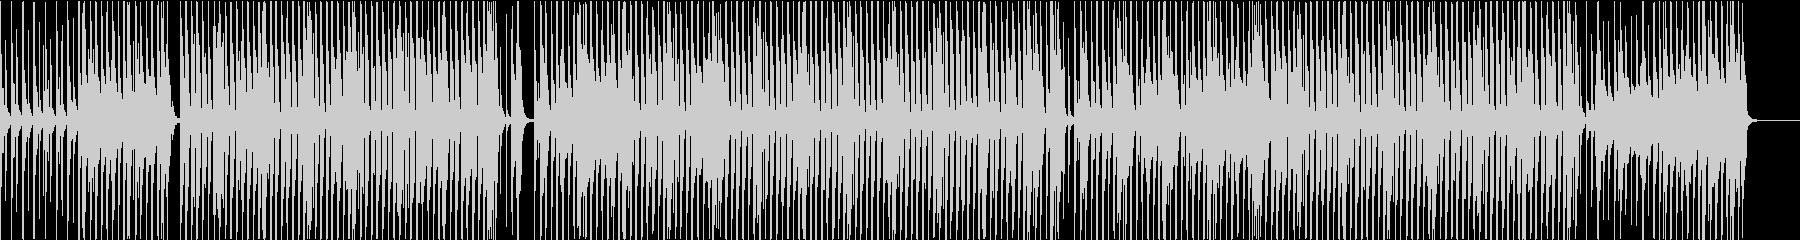 ポップインスト。弾力性陽性。レトロ...の未再生の波形